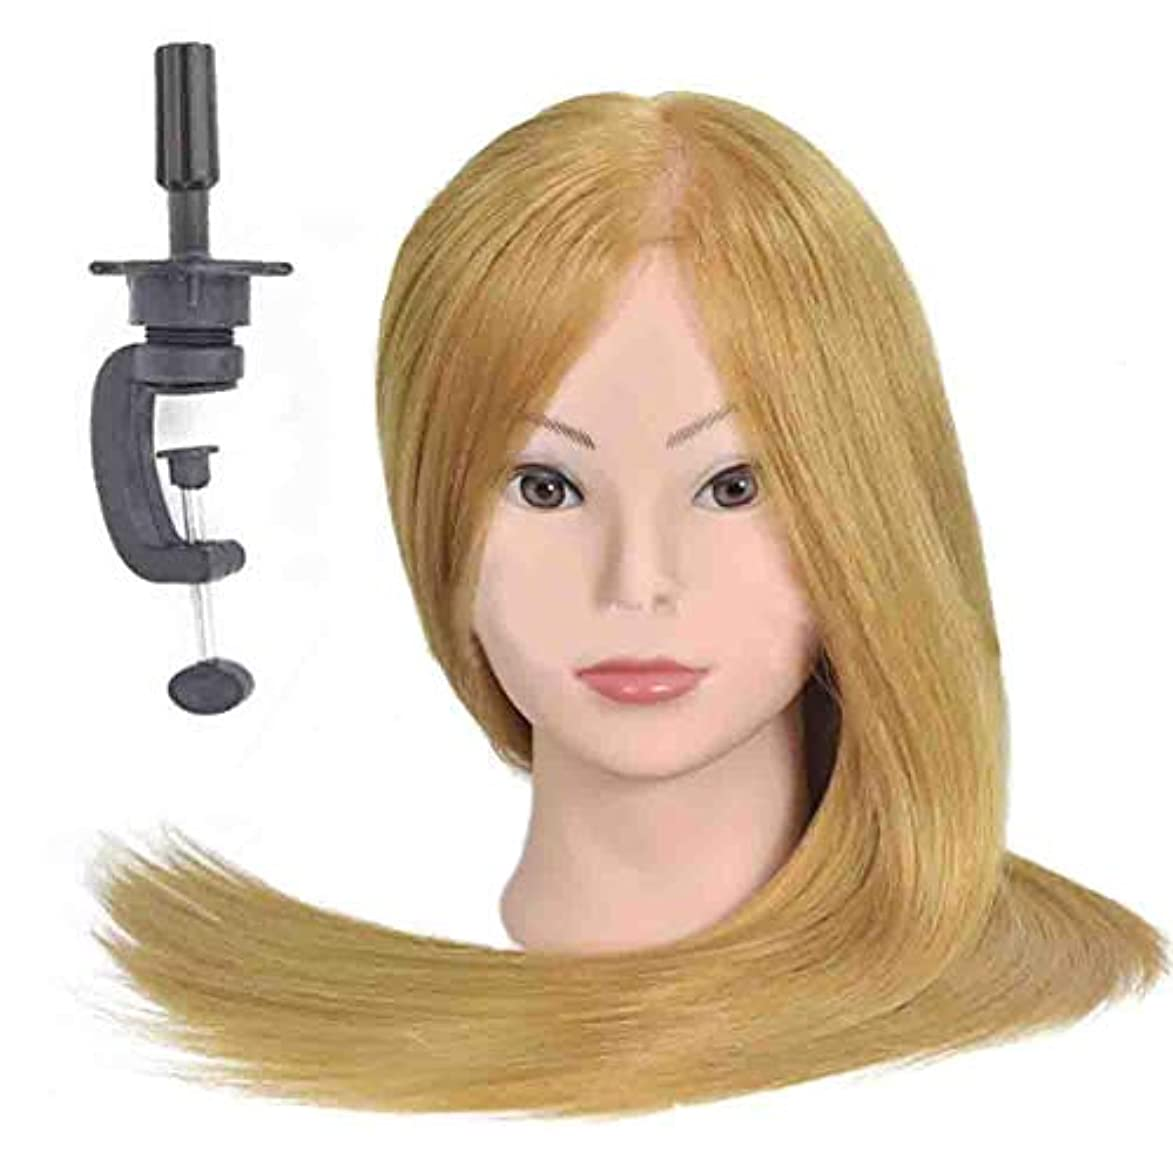 アマゾンジャングル艶パイントメイクディスクヘアスタイリング編み教育ダミーヘッドサロンエクササイズヘッド金型理髪ヘアカットトレーニングかつら